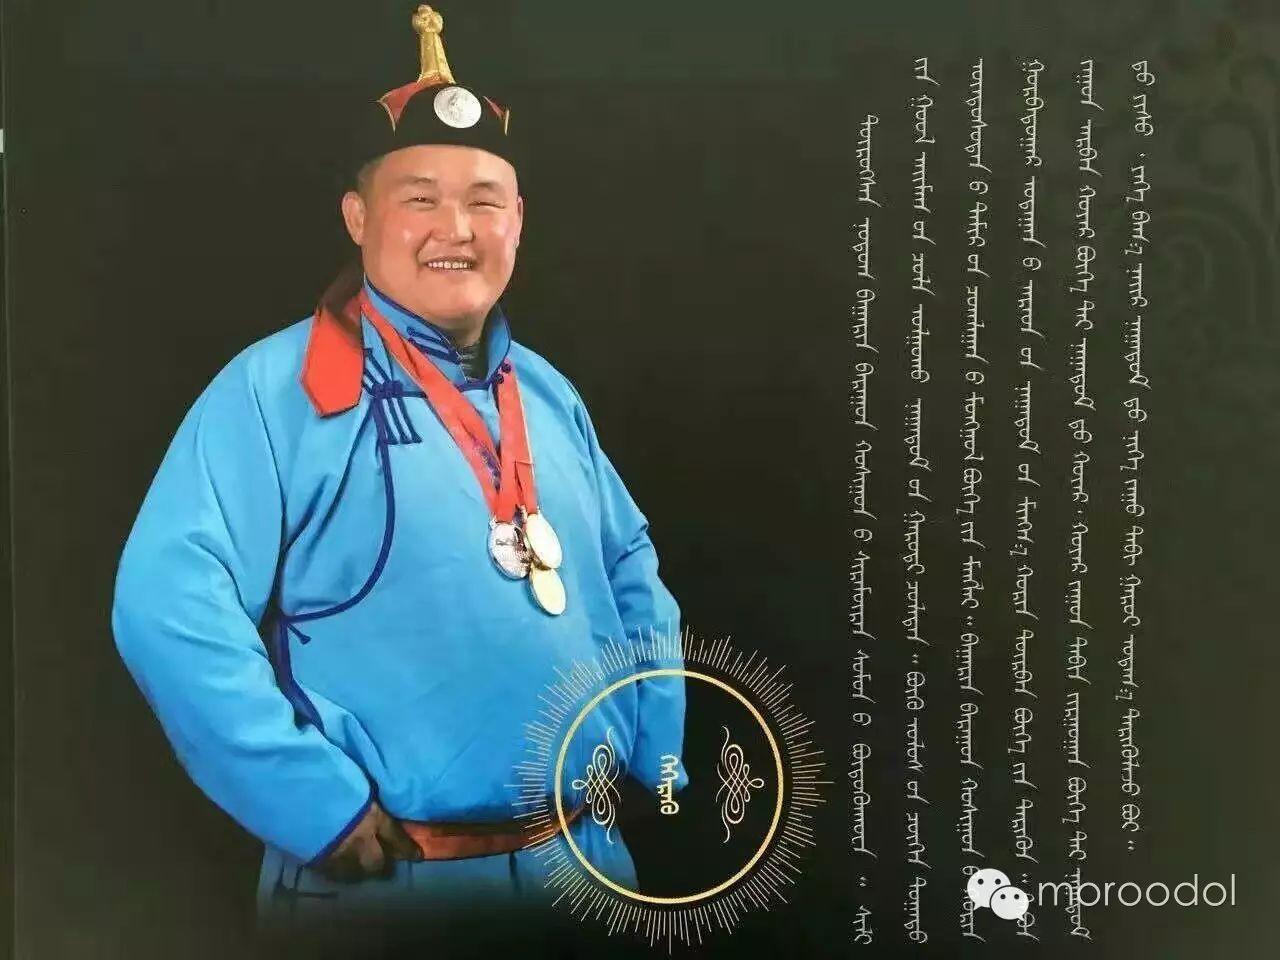 卐【蒙古博克】赤峰著名摔跤手及他们的战绩(图片) 第10张 卐【蒙古博克】赤峰著名摔跤手及他们的战绩(图片) 蒙古文化